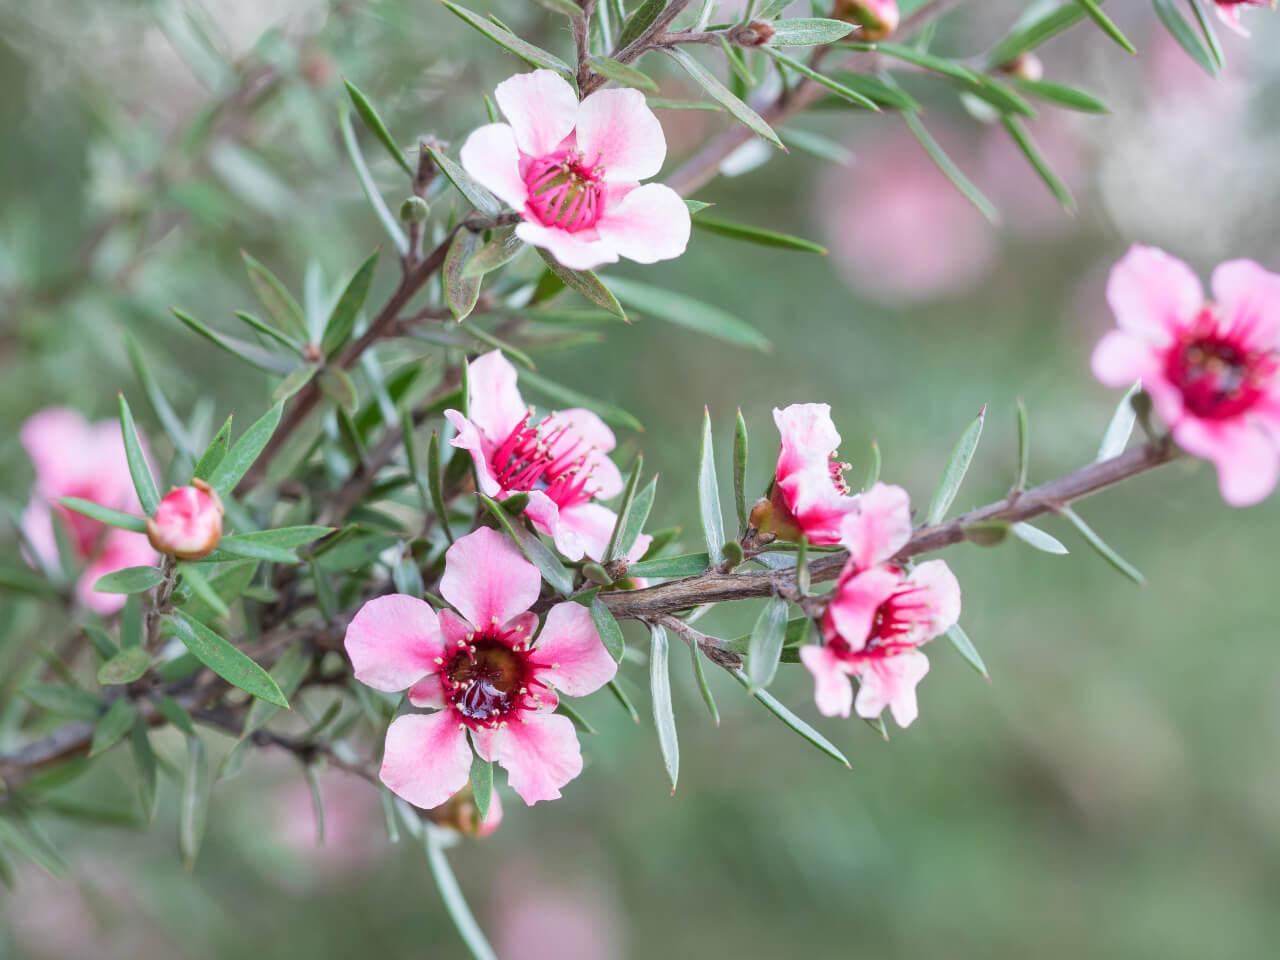 Tea tree olej pochádza z rastliny čajovník austrálsky (Melaleuca alternifolia)